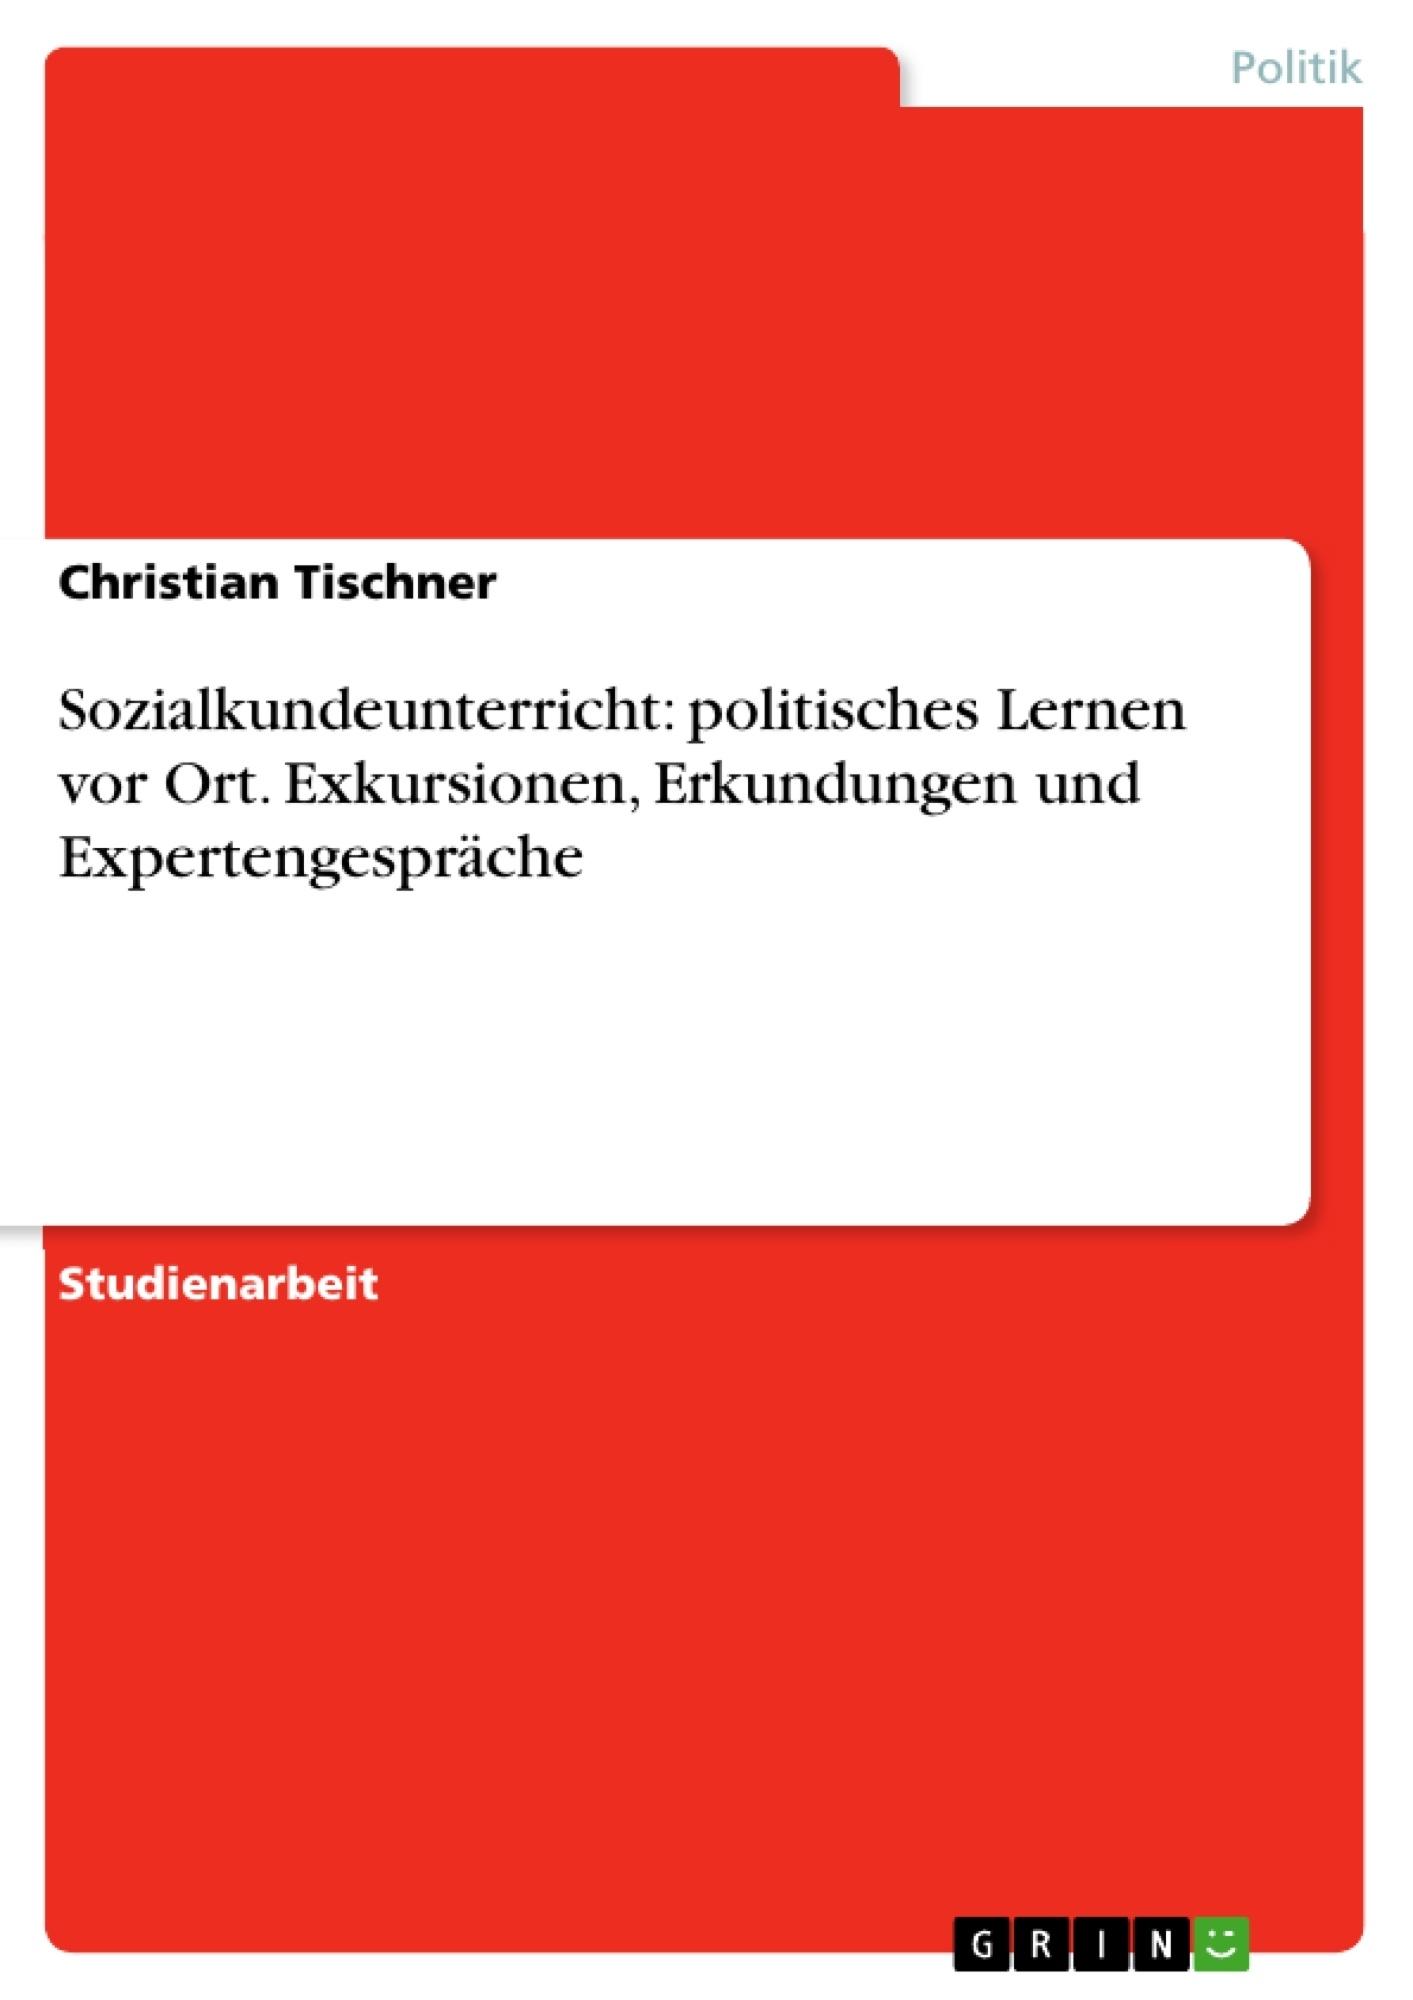 Titel: Sozialkundeunterricht: politisches Lernen vor Ort. Exkursionen, Erkundungen und Expertengespräche